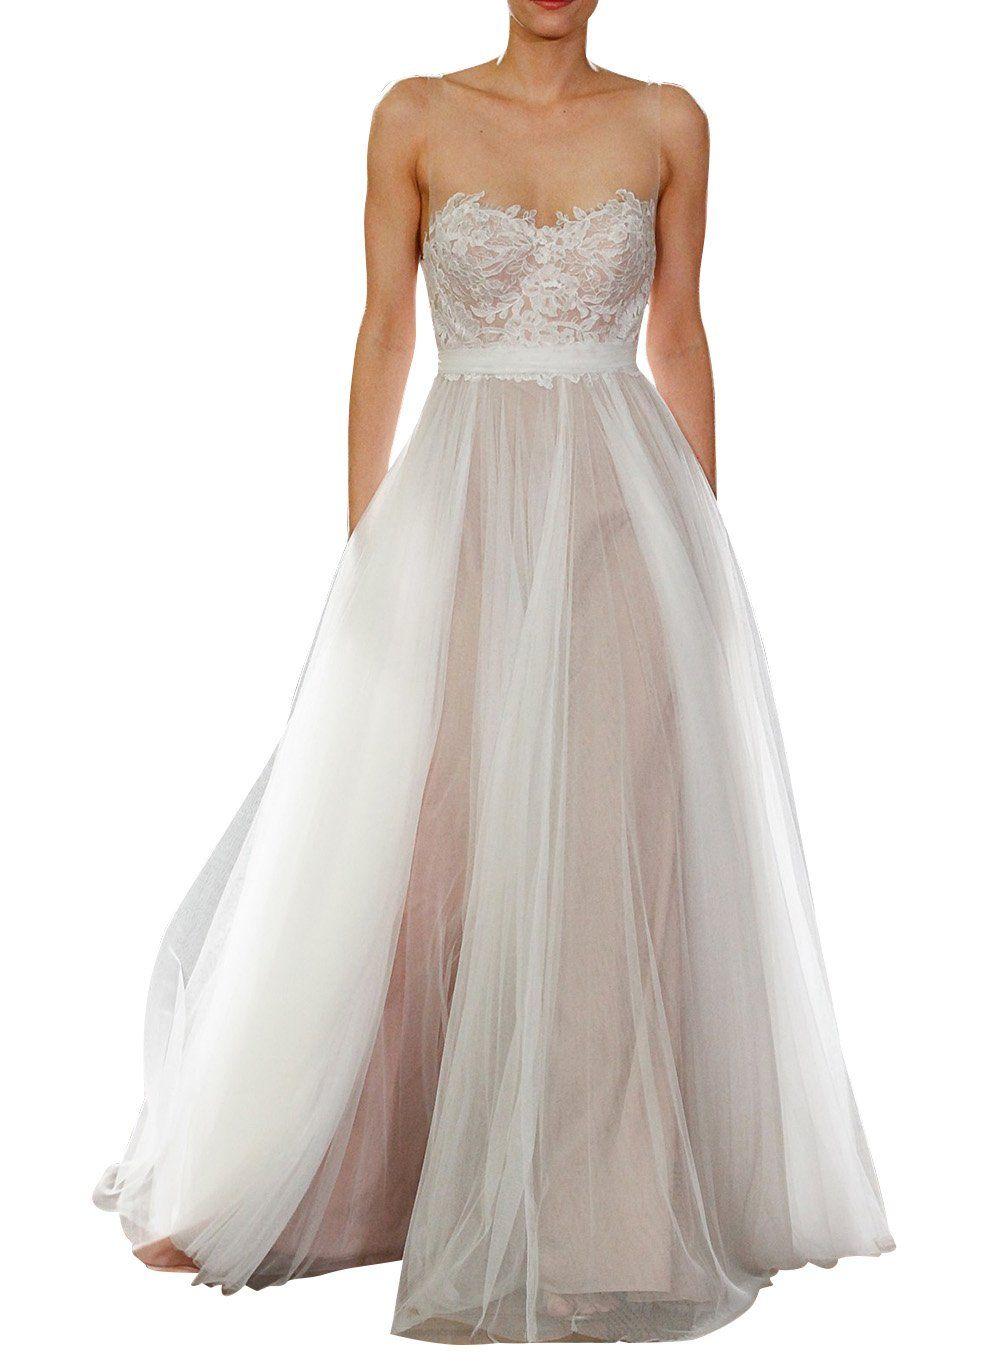 Wedding beach dress  LISTEN TO ME Womenus Lace Sweetheart Open Back Beach Wedding Dress